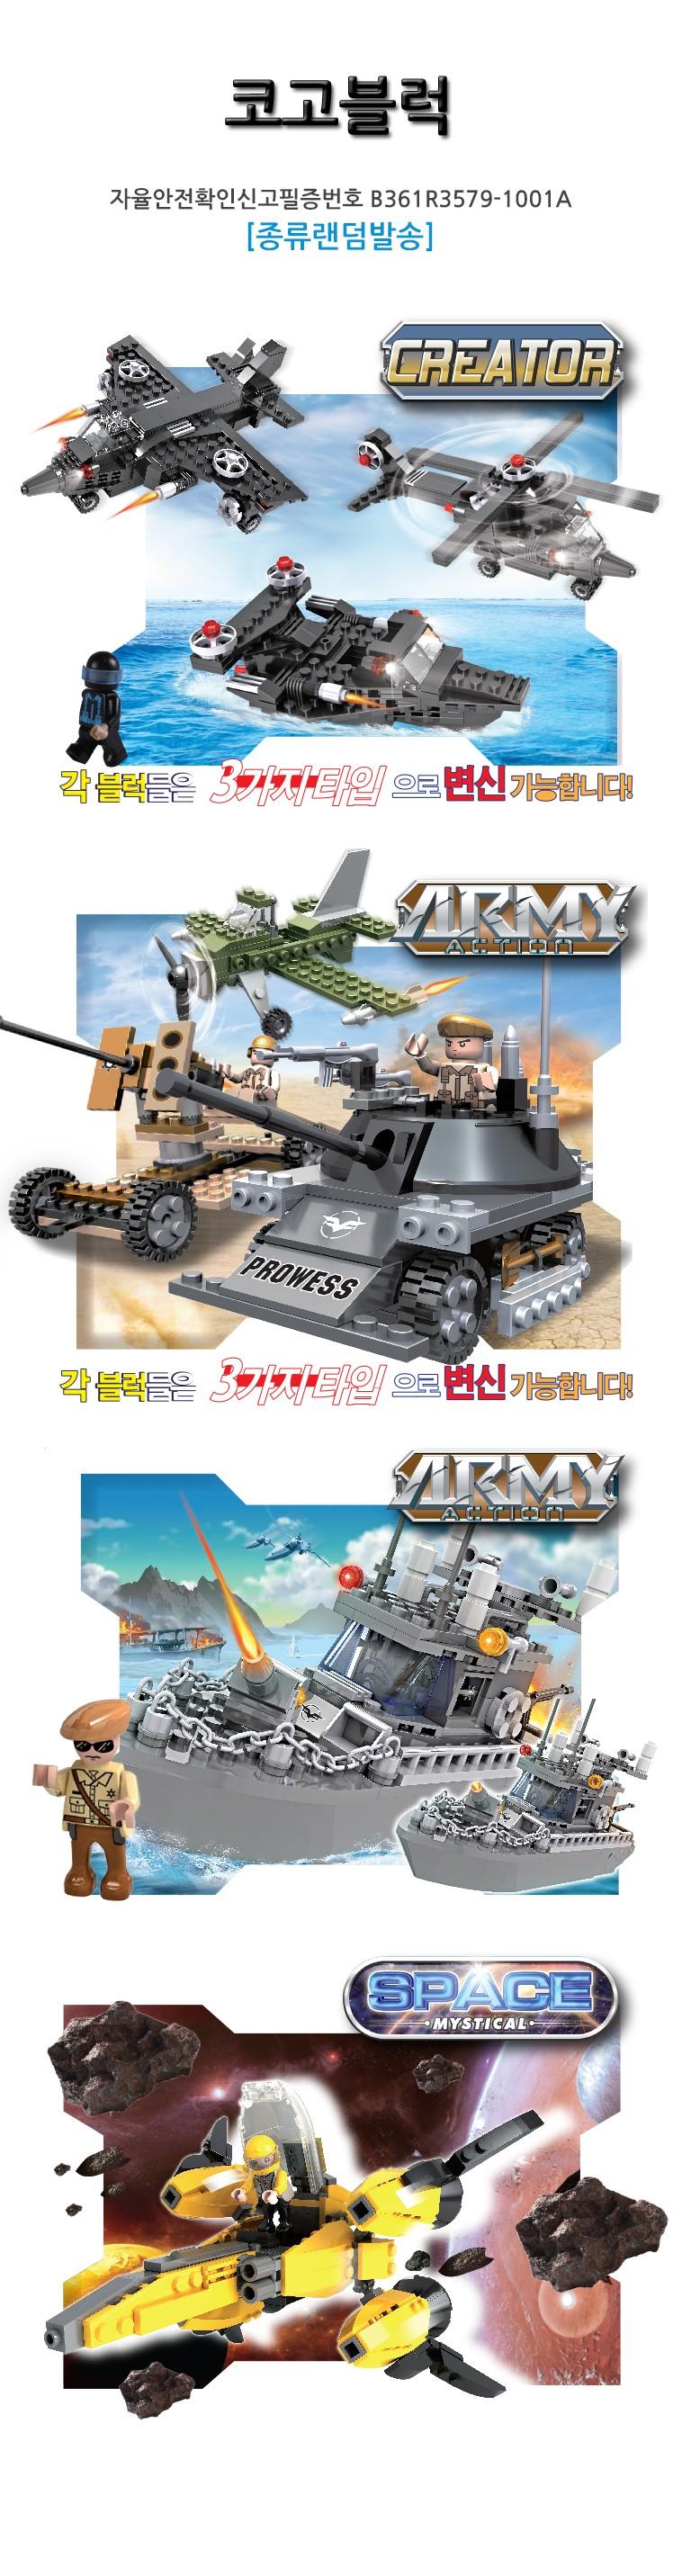 코고블럭 전투기 블럭 배 블럭 우주선 블럭 탱크 블럭 땡처리 최저가 도도매